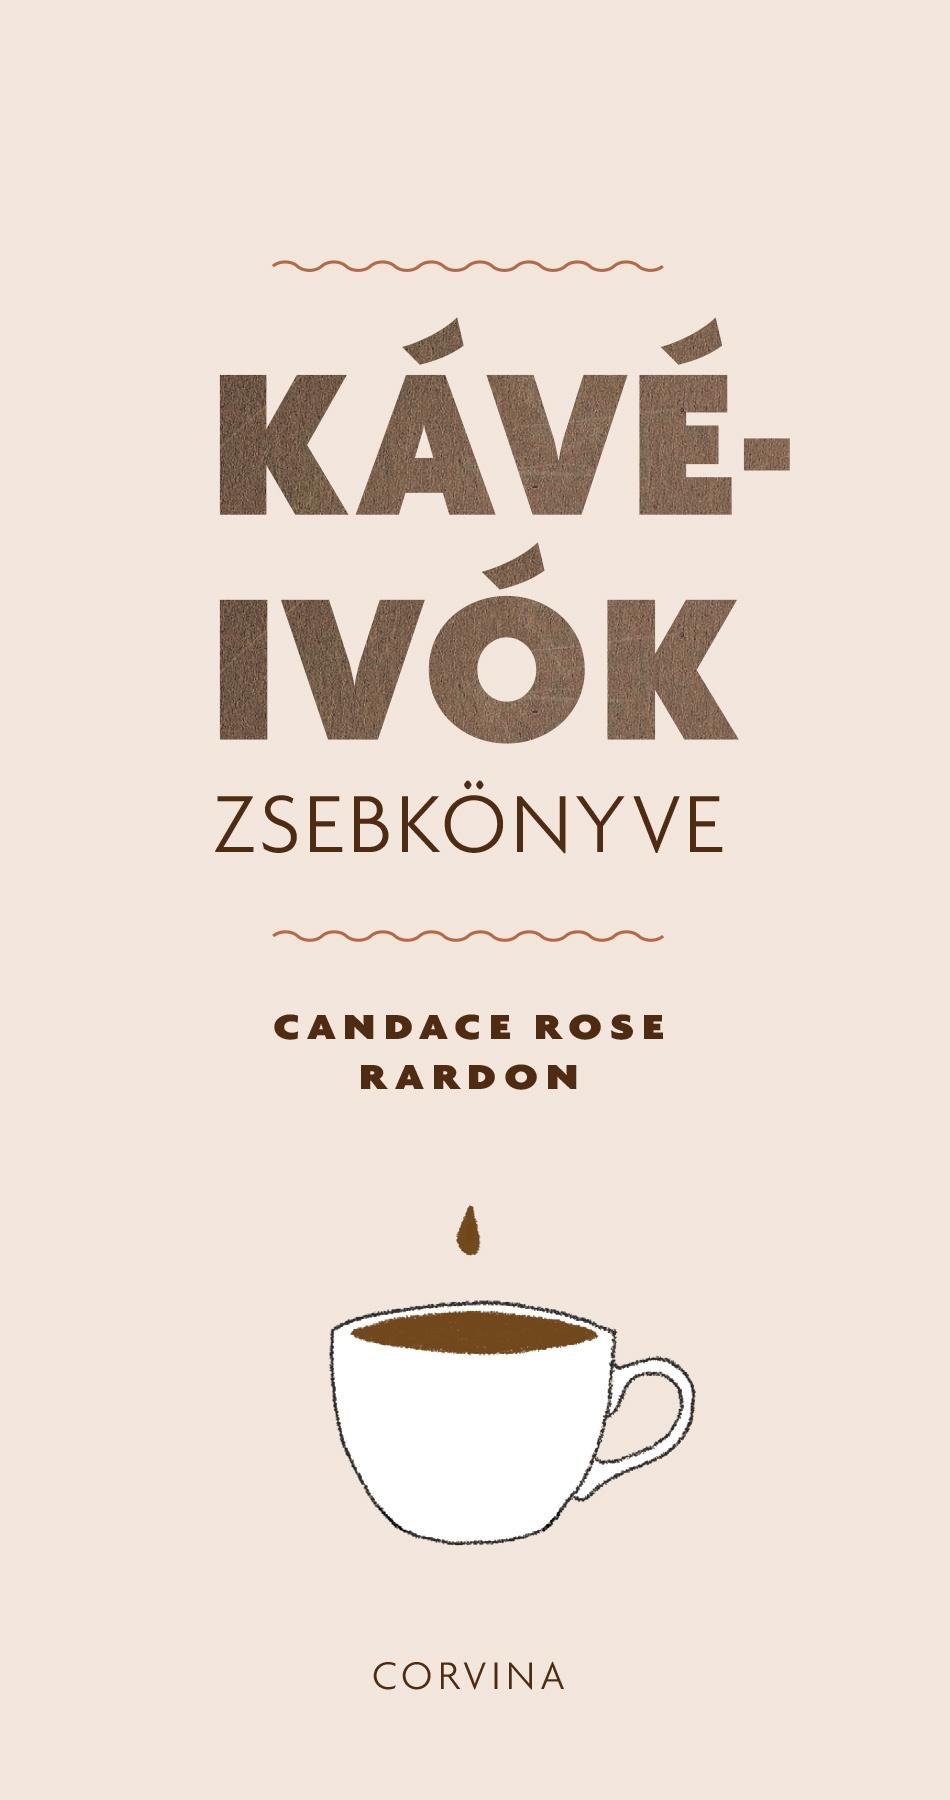 Kávéivók zsebkönyve